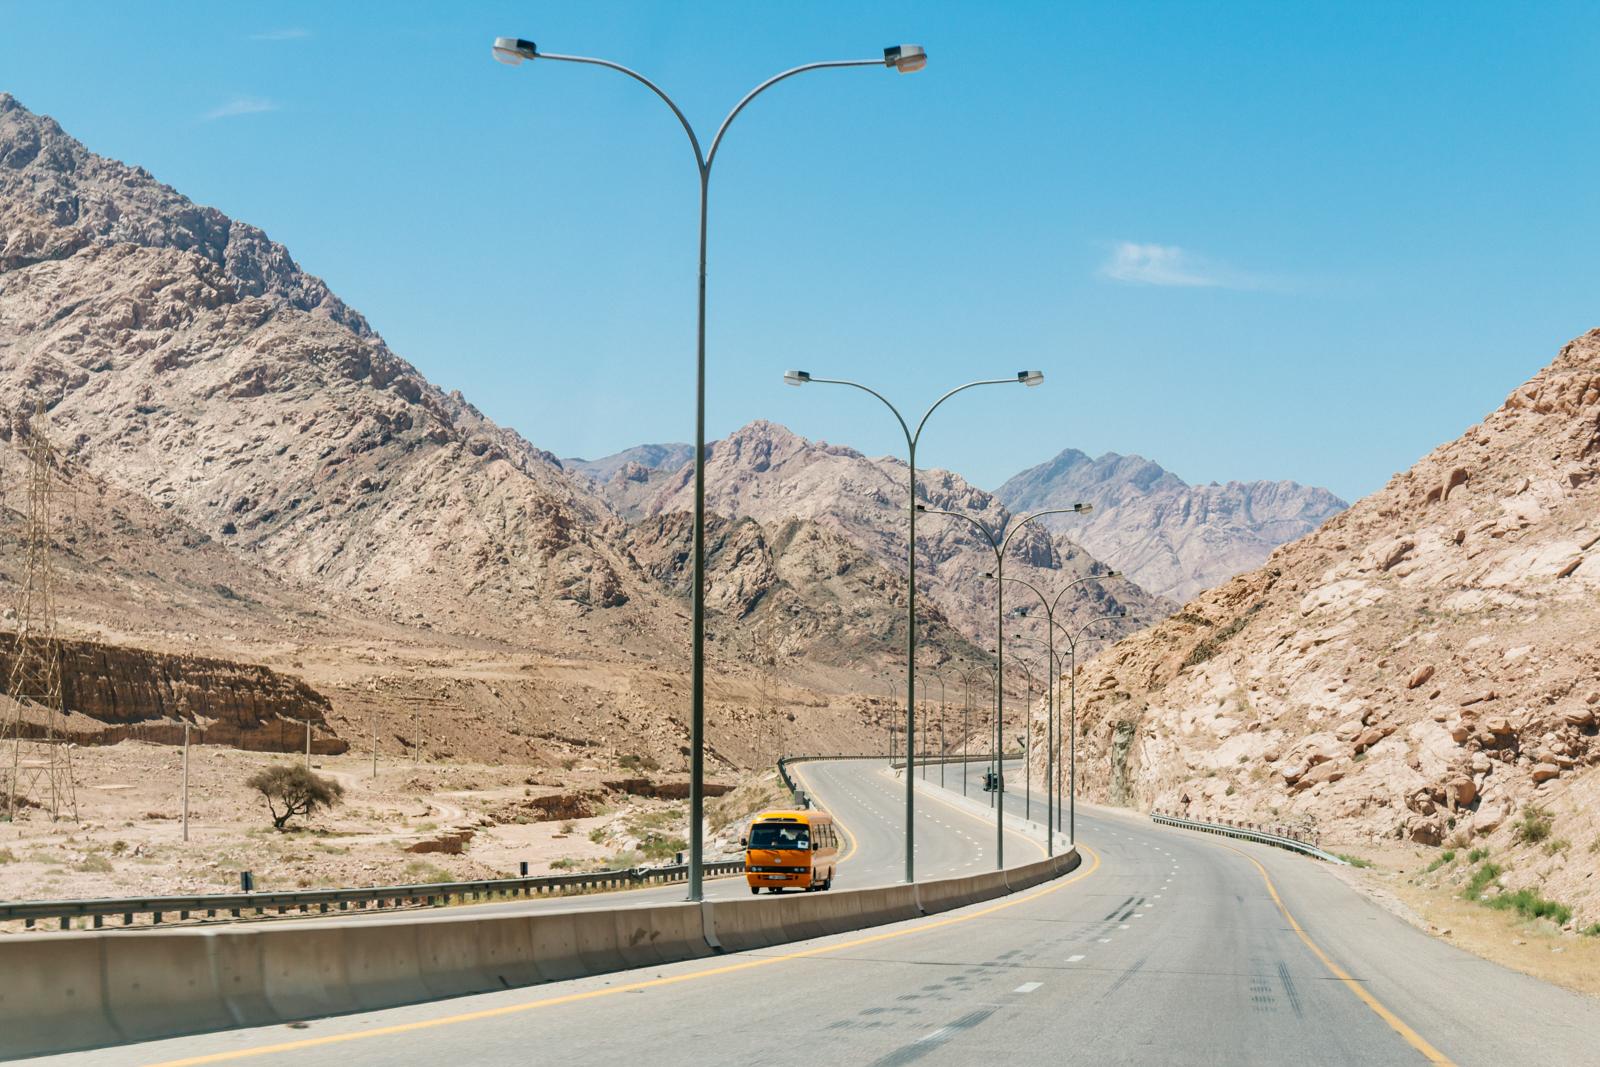 12 road to Aqaba.jpg